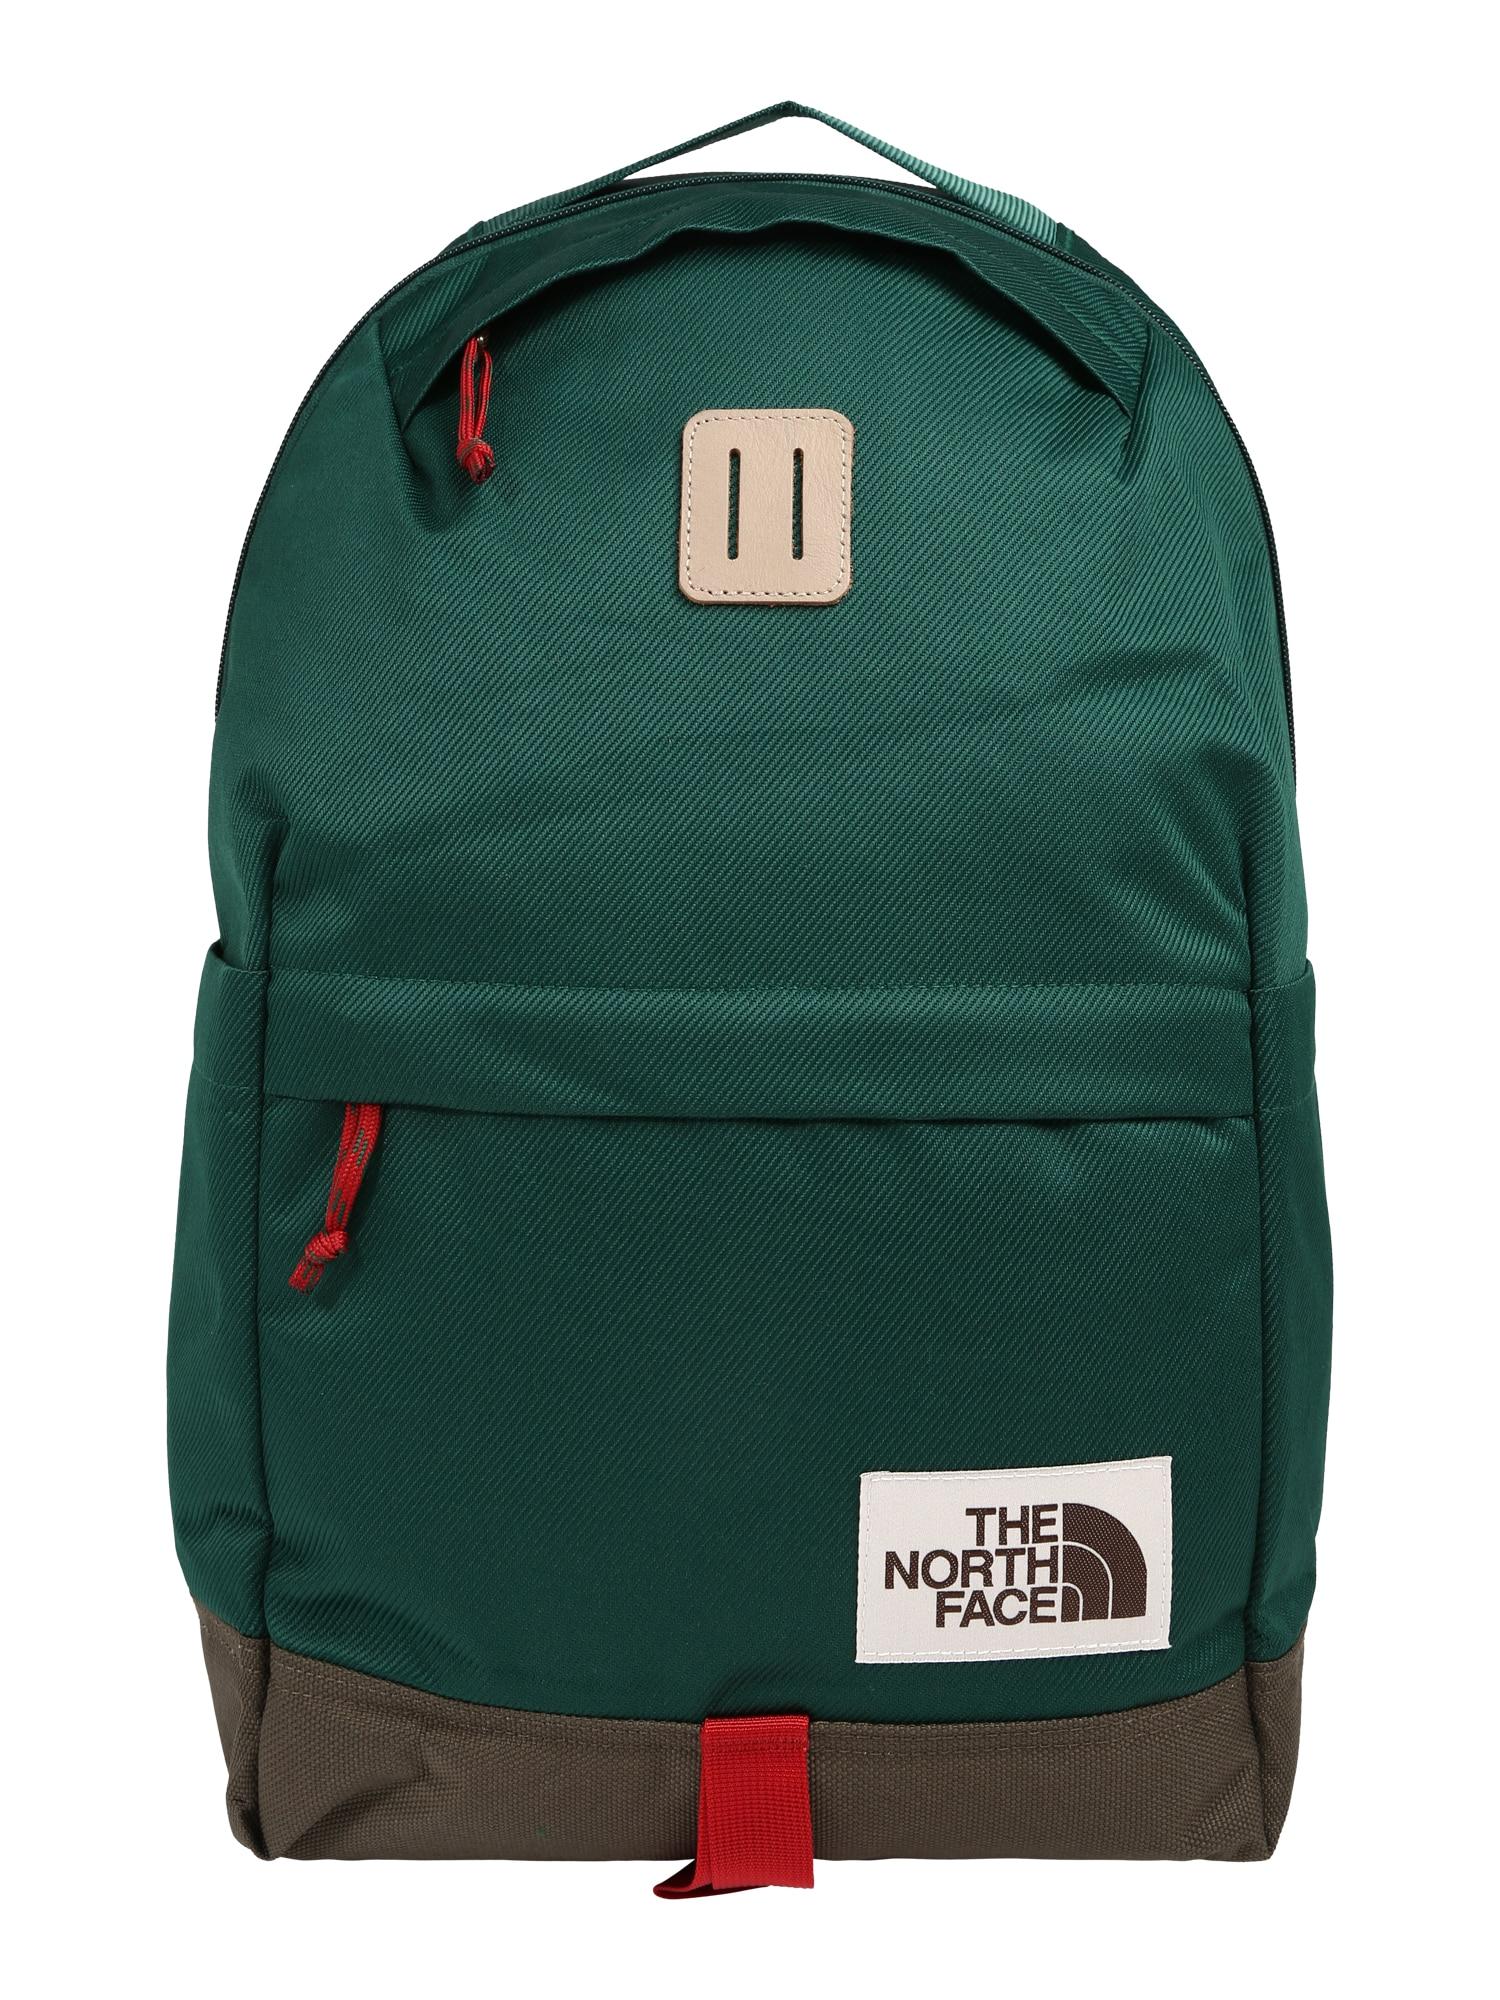 Sportovní batoh Daypack tmavě zelená THE NORTH FACE